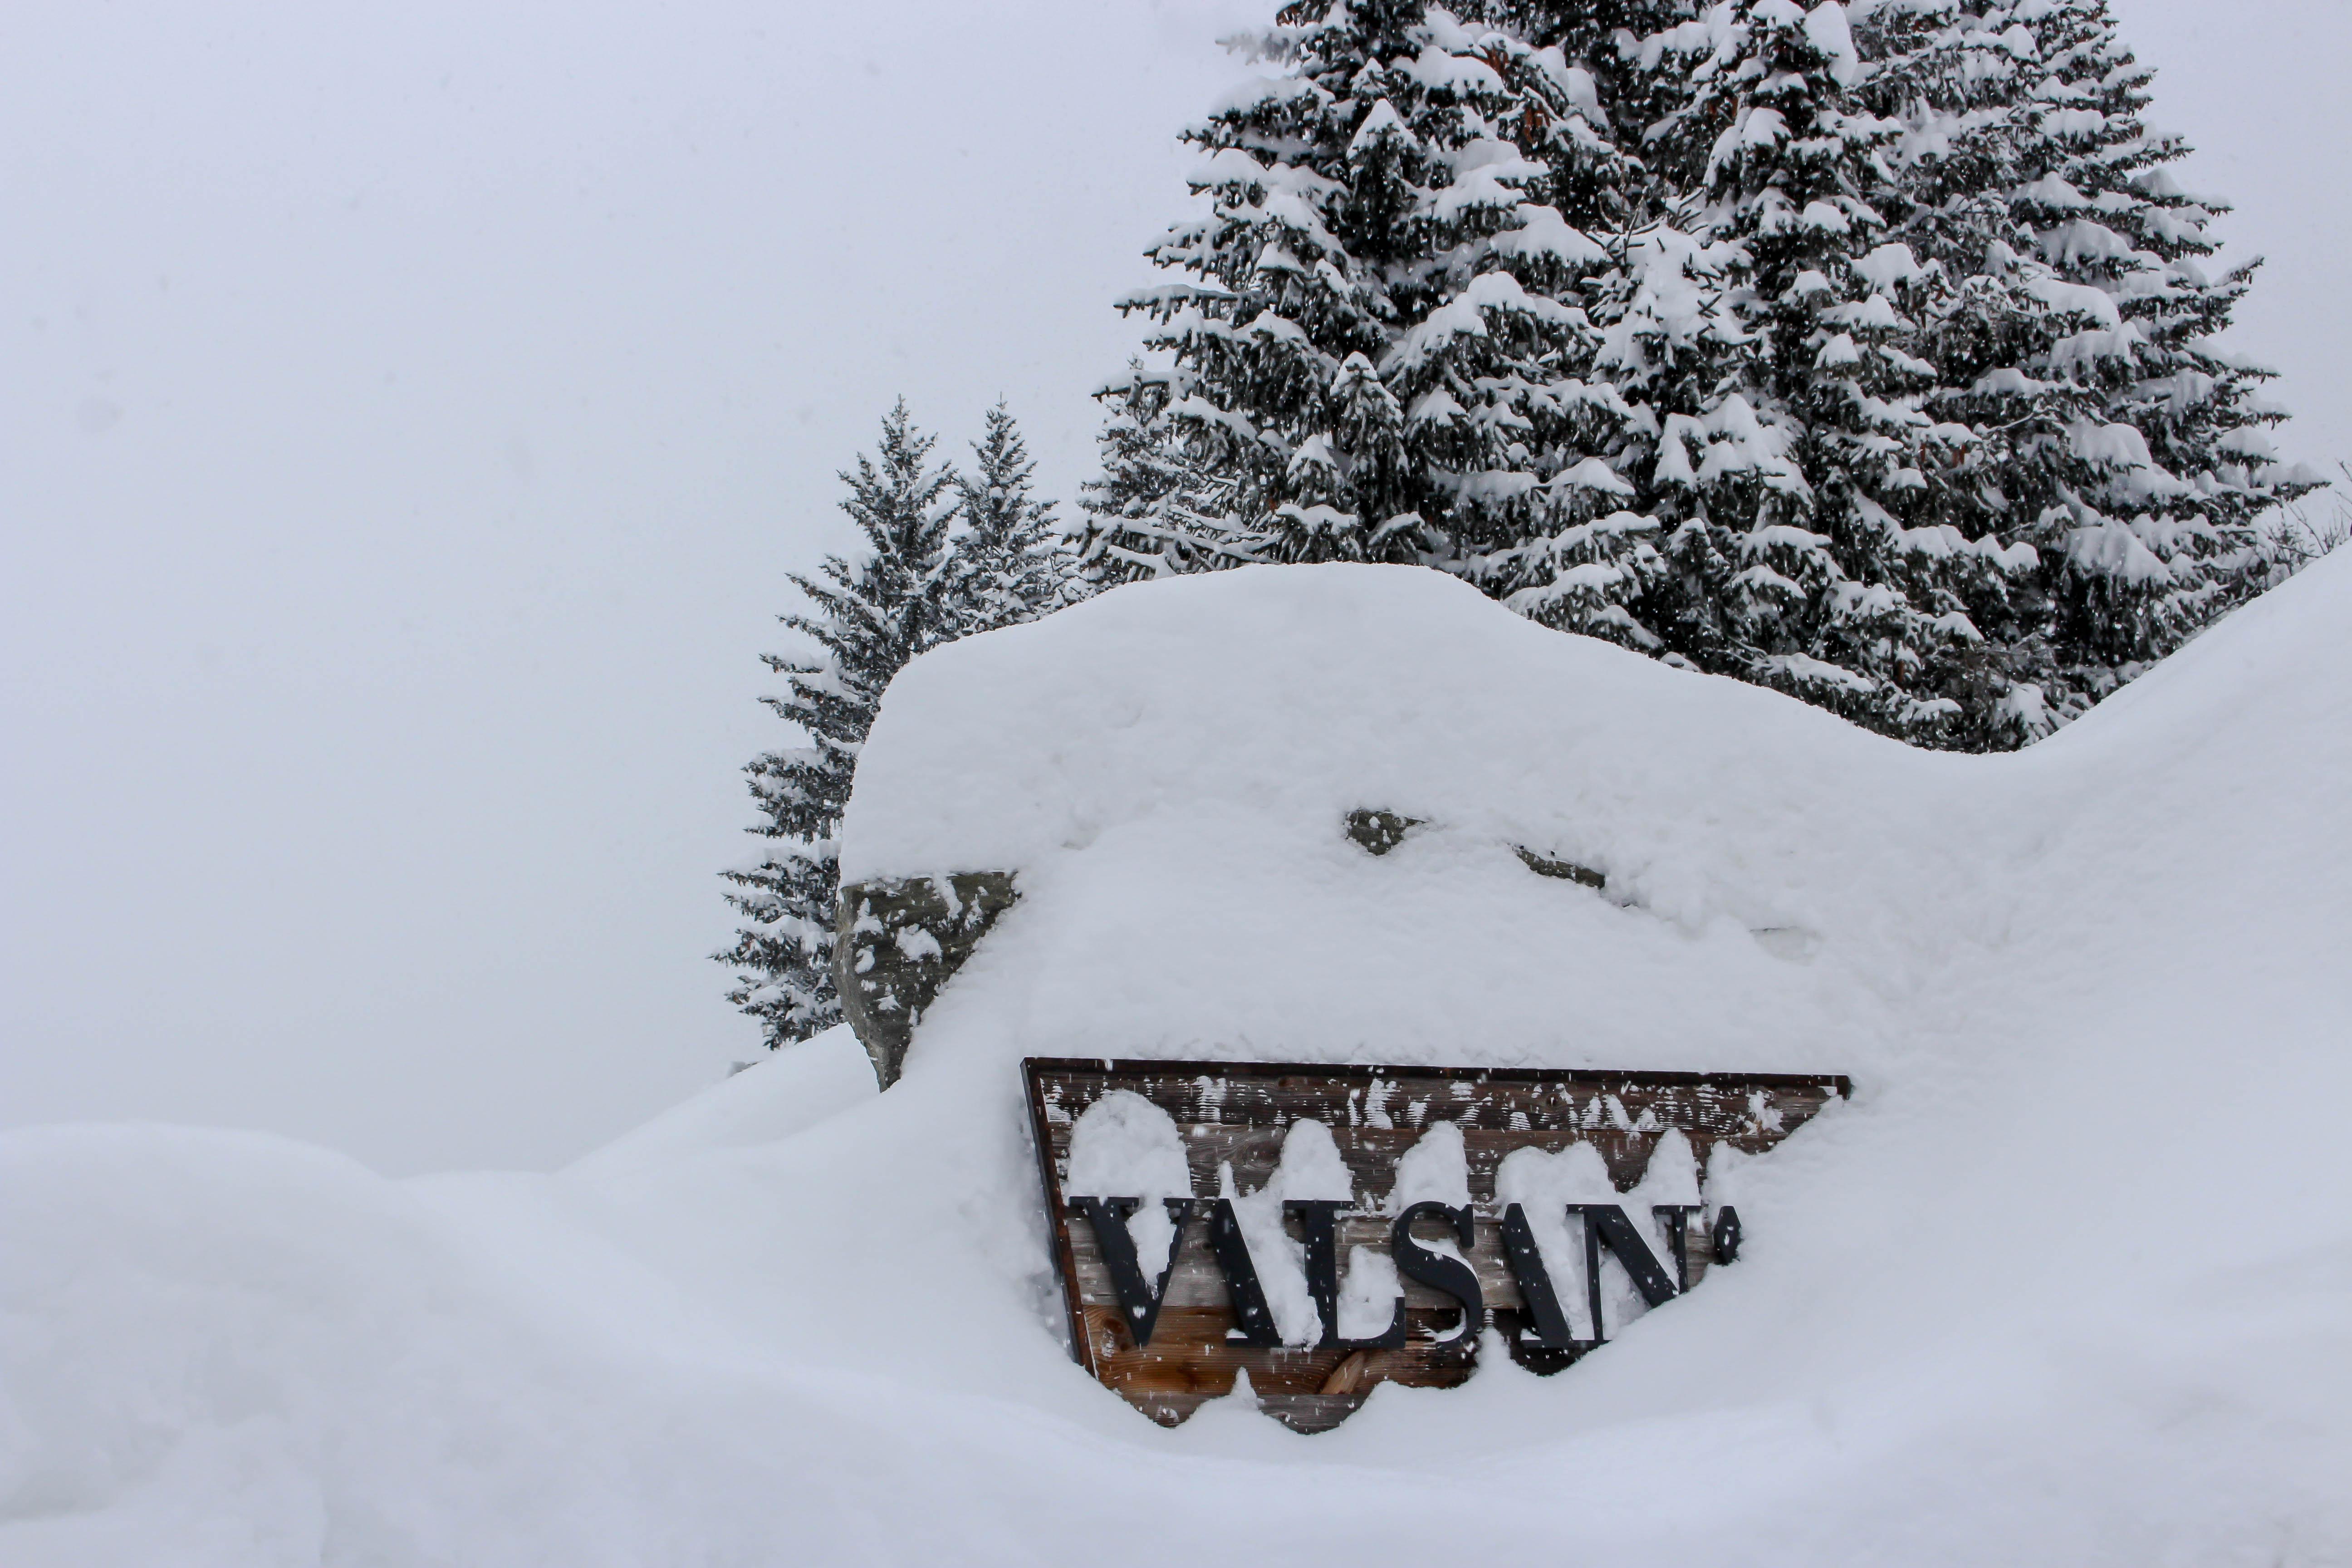 Draussen ein eingeschneites Schild des Hotel Valsanas.